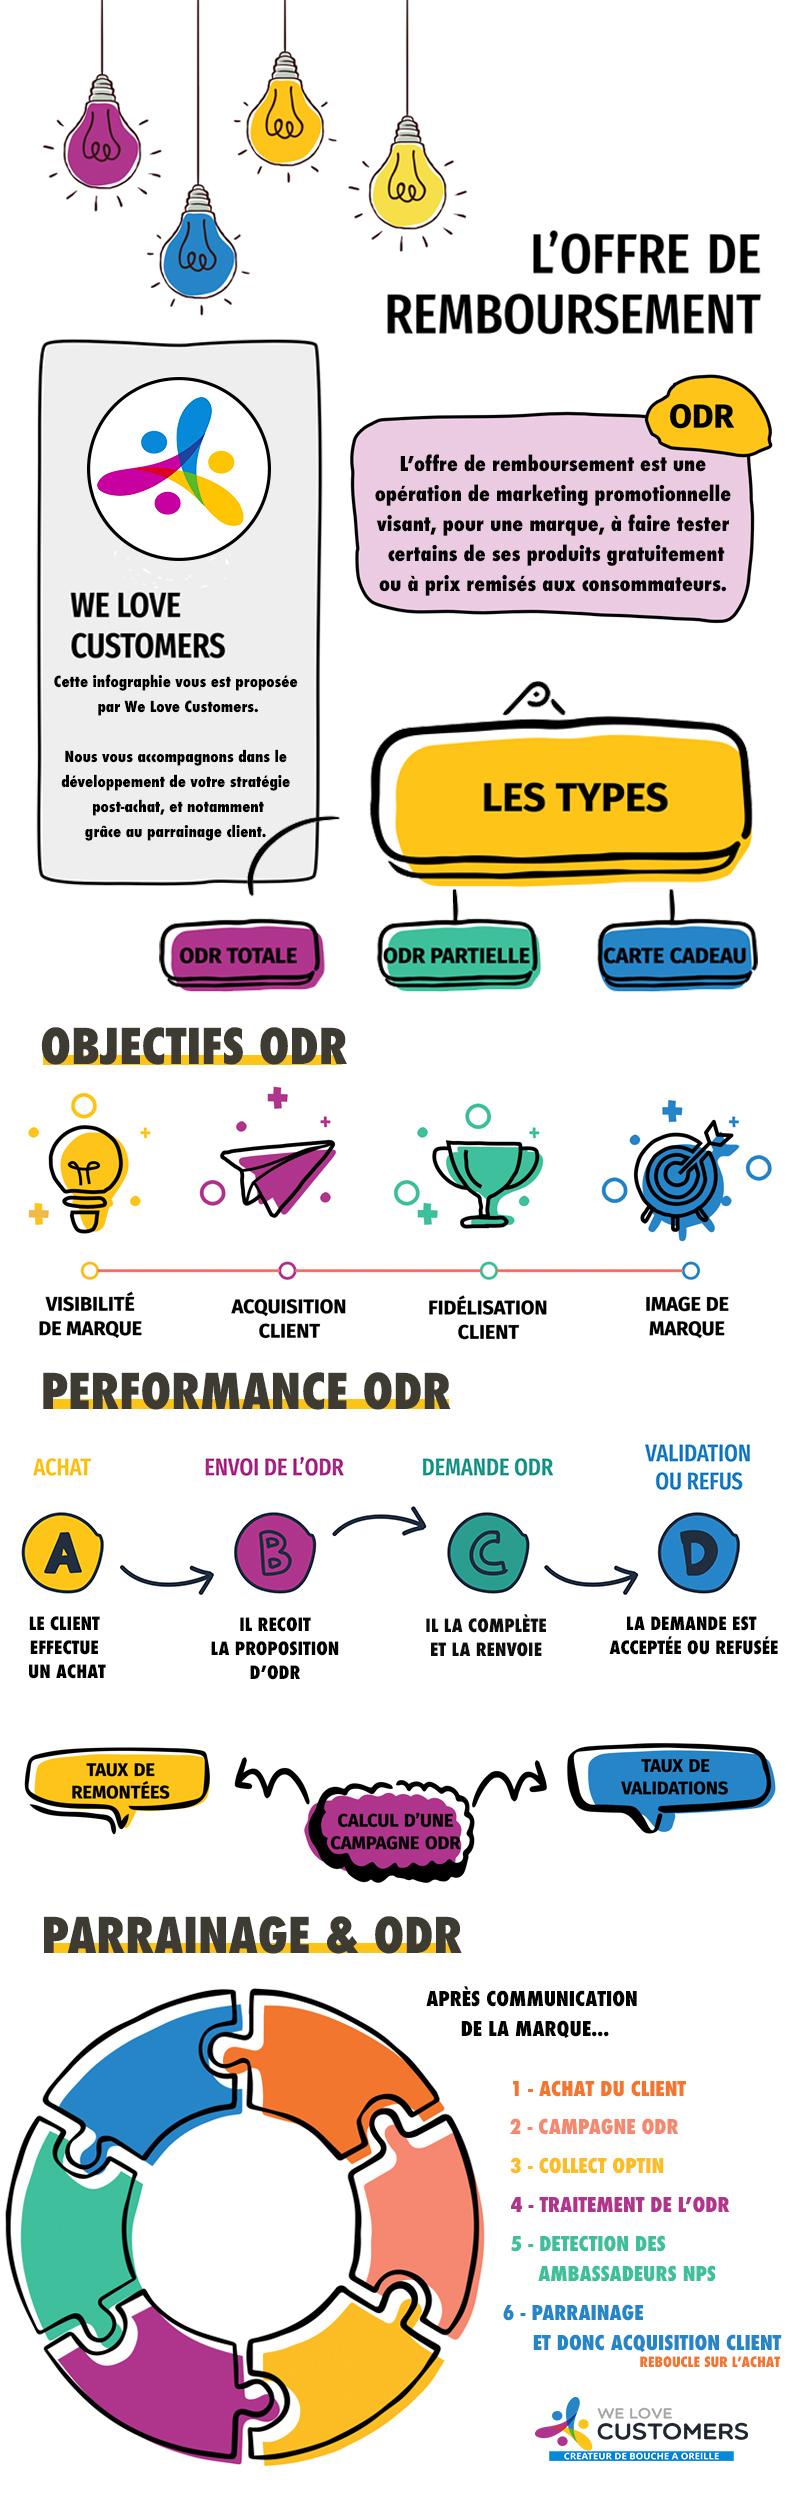 Infographie - ODR